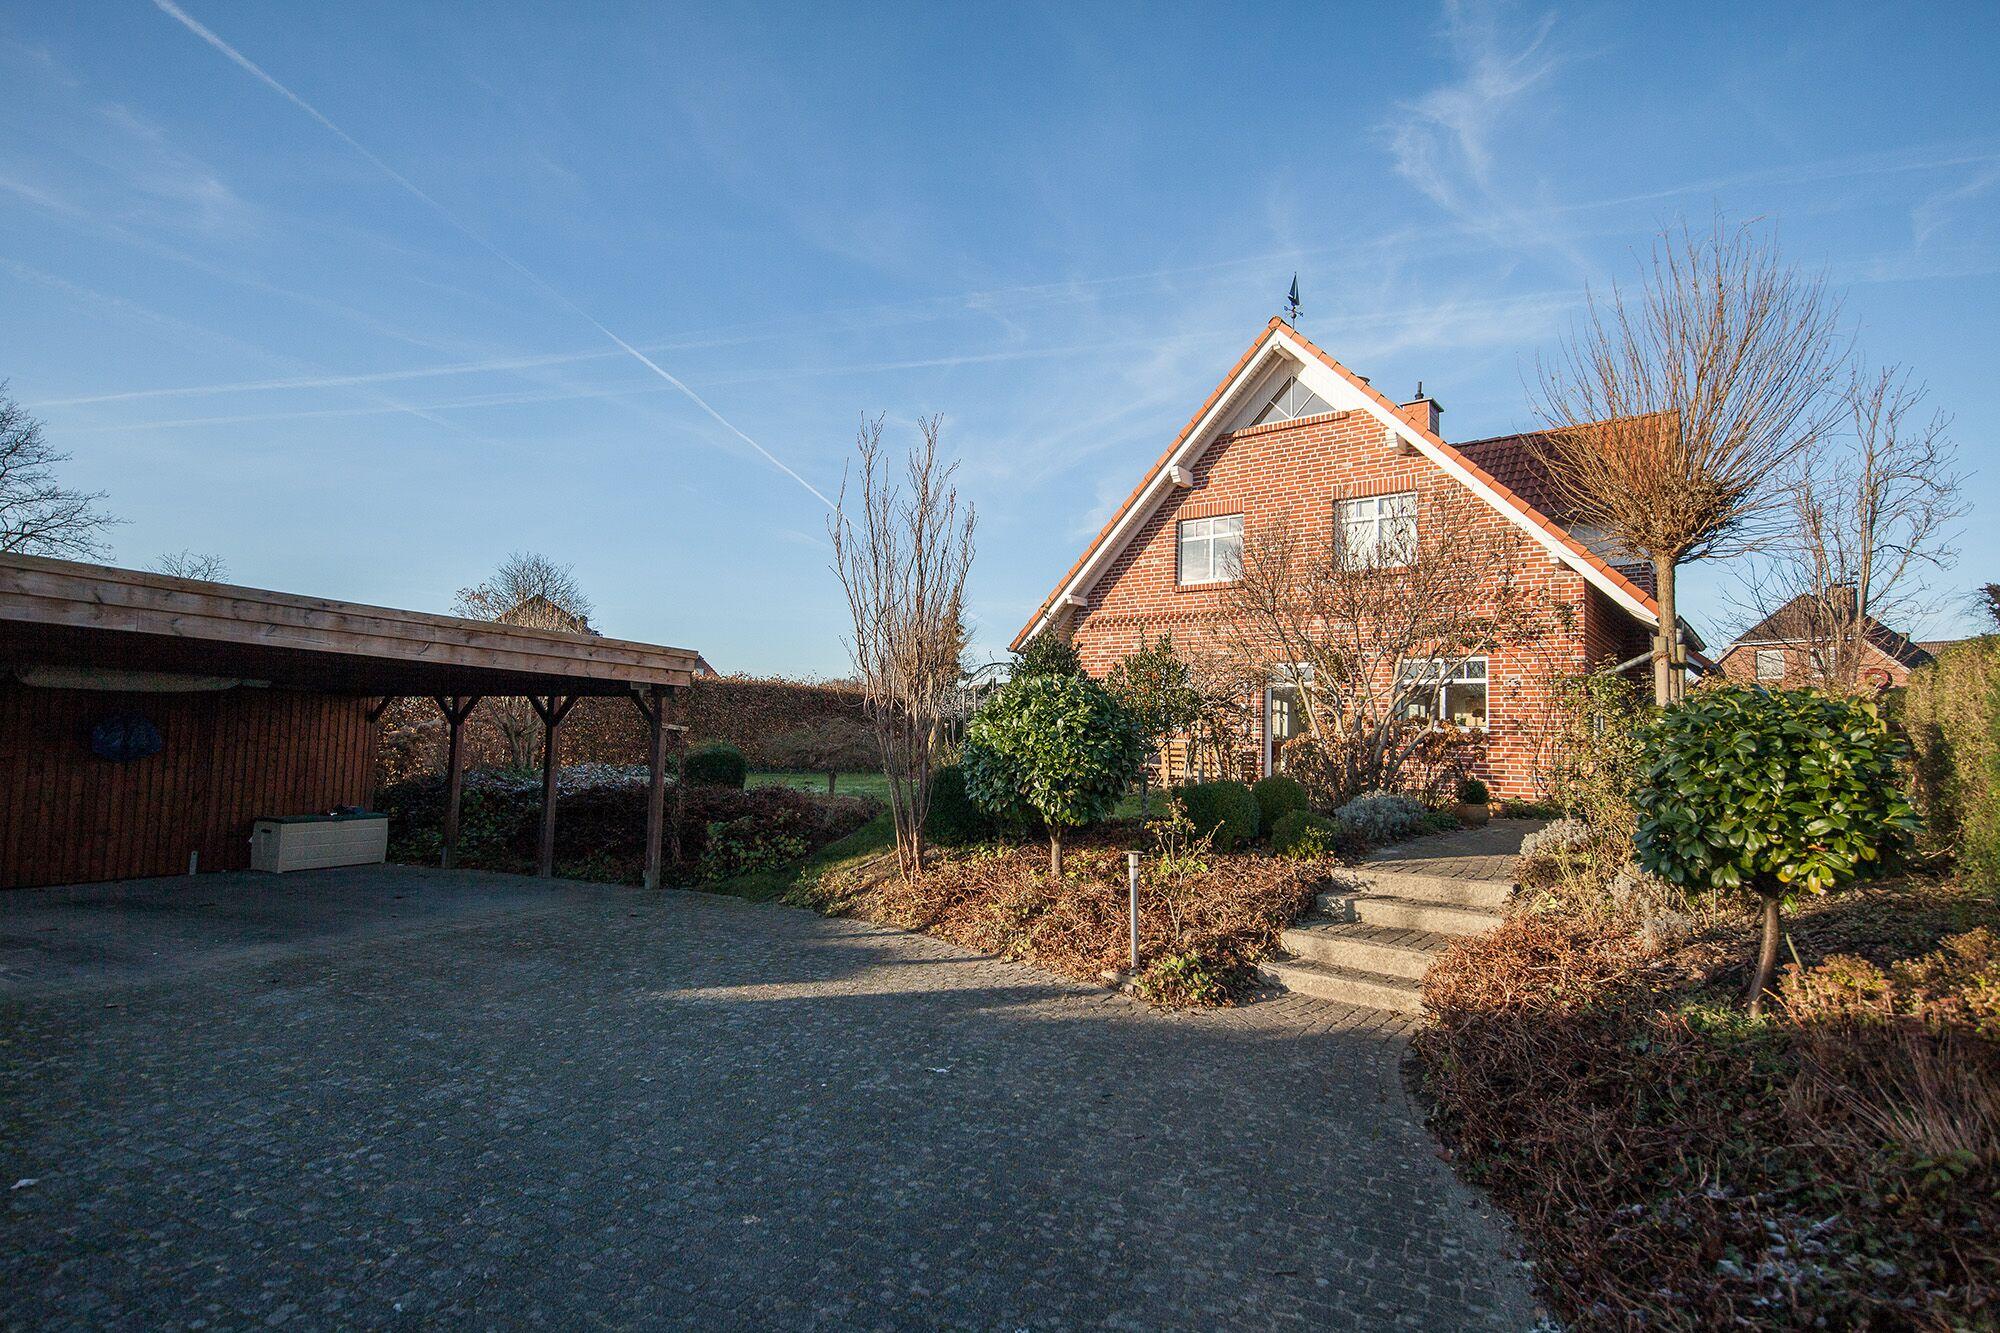 Pinneberg-Prisdorf: Wunderschönes Einfamilienhaus in ruhiger Lage